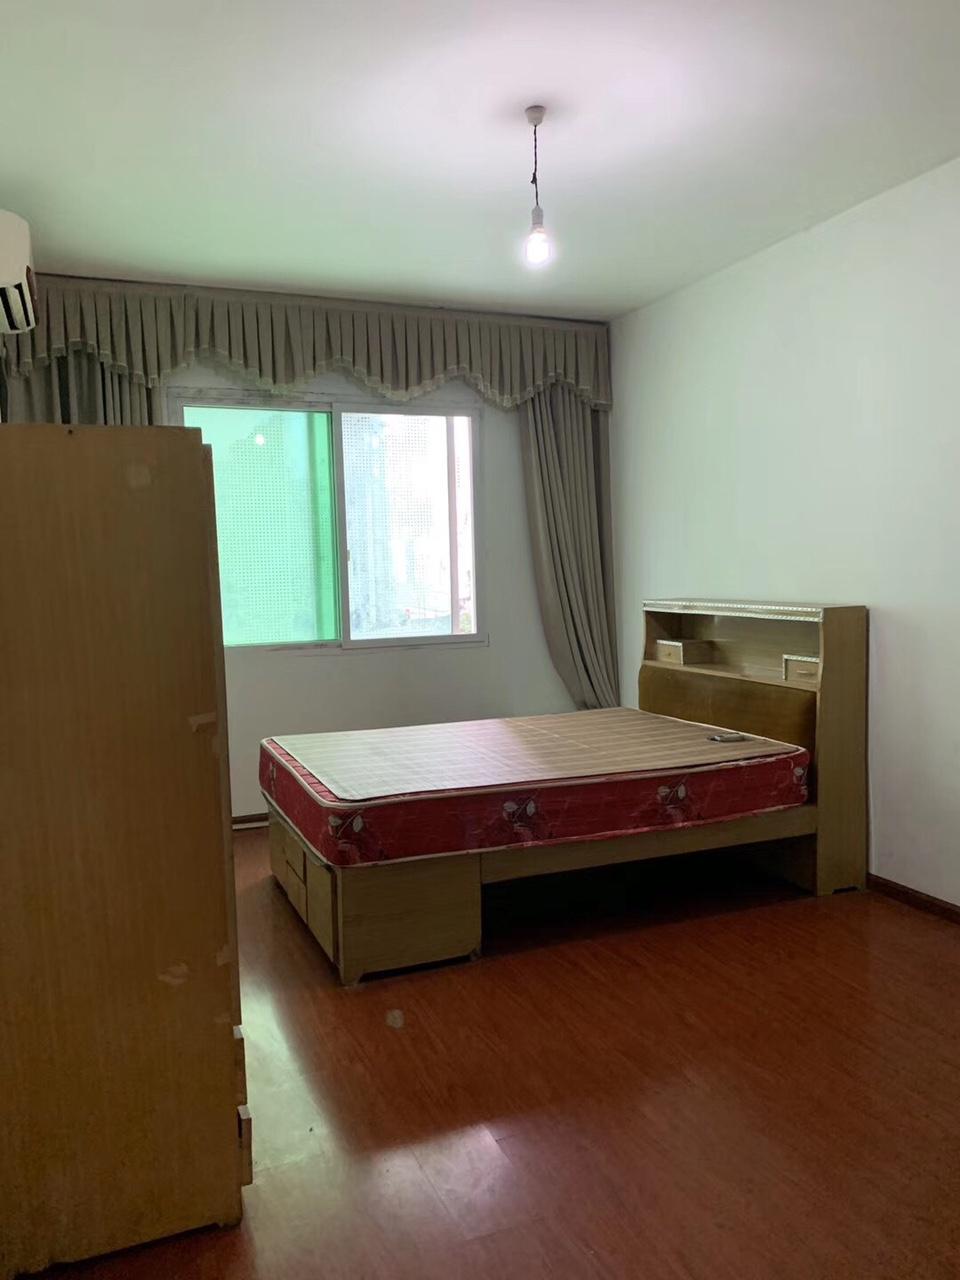 县委坡2室 2厅 2卫31万元